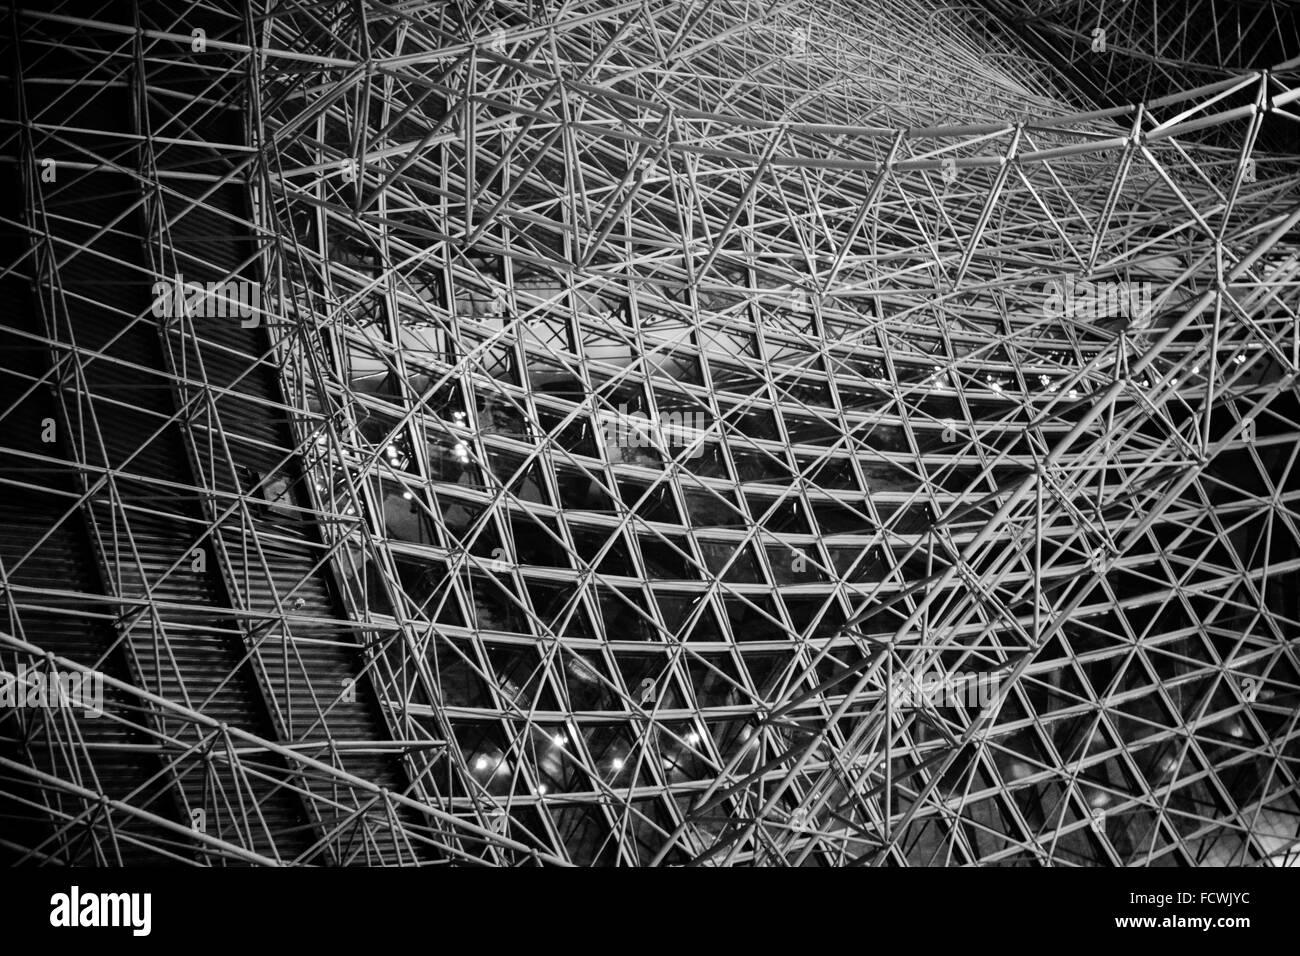 Draufsicht auf Metallrahmen Struktur des Gebäudes Stockfoto, Bild ...